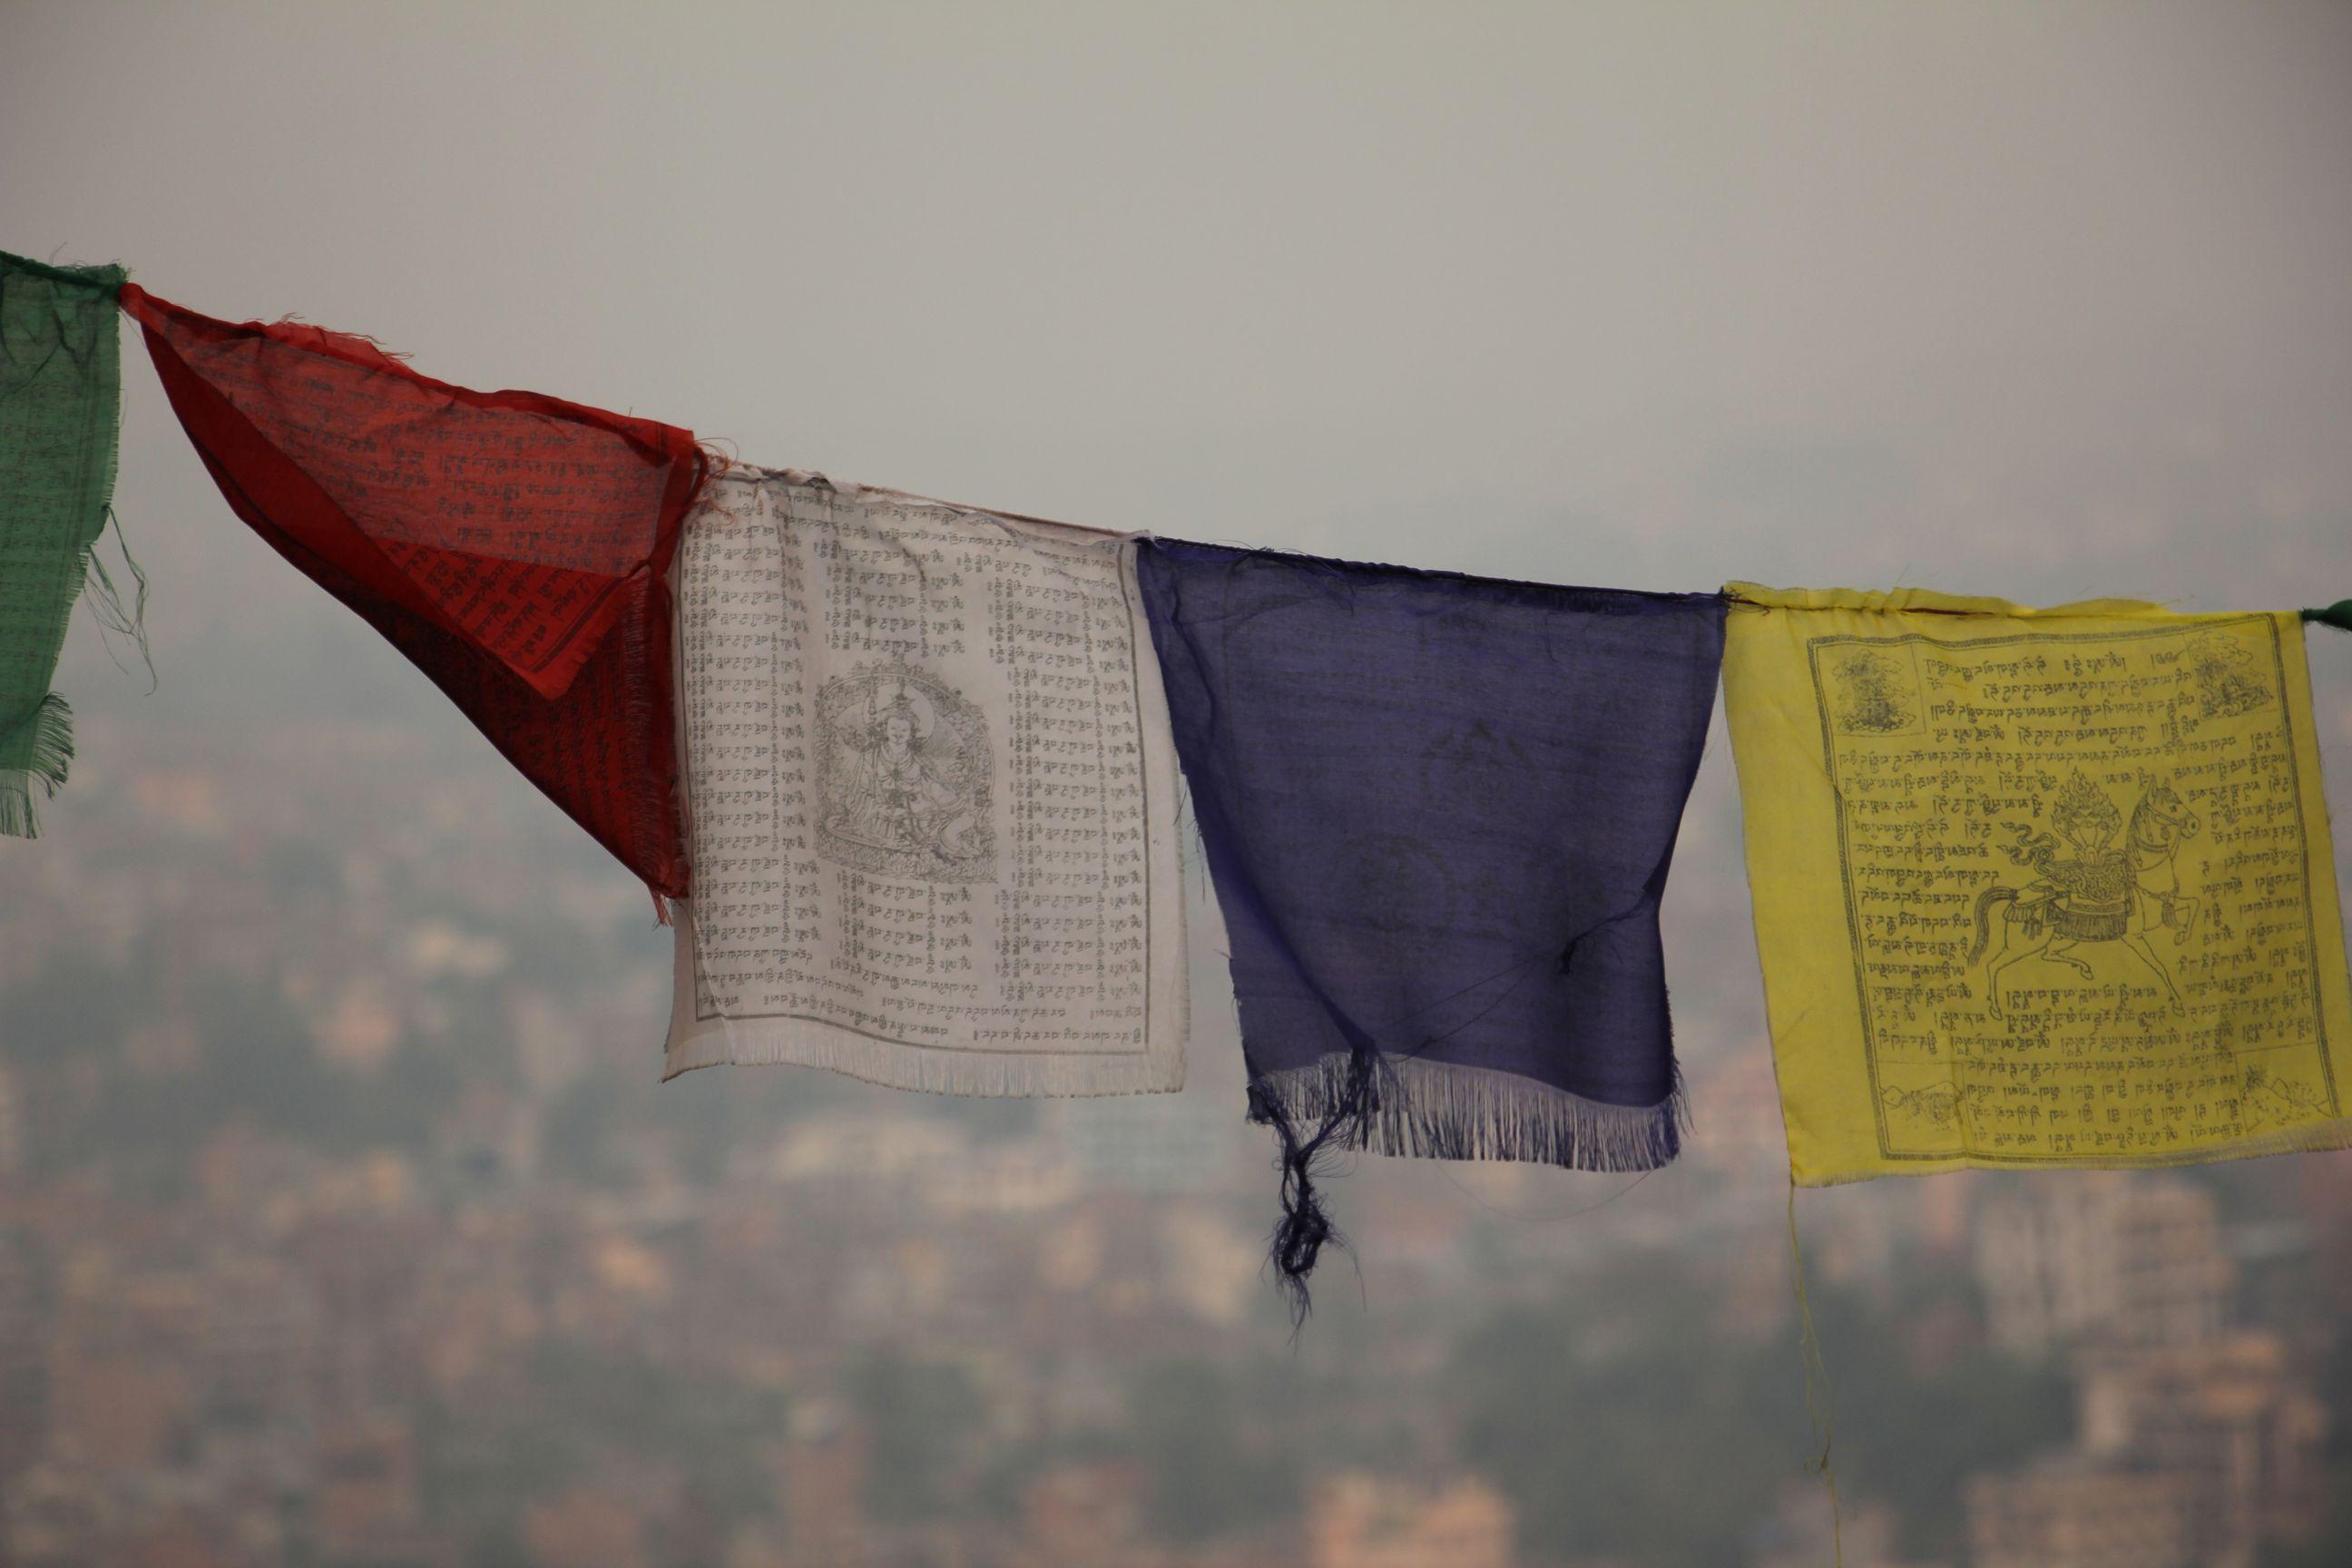 Zoznamka Kathmandu pripojiť Sprint airvana